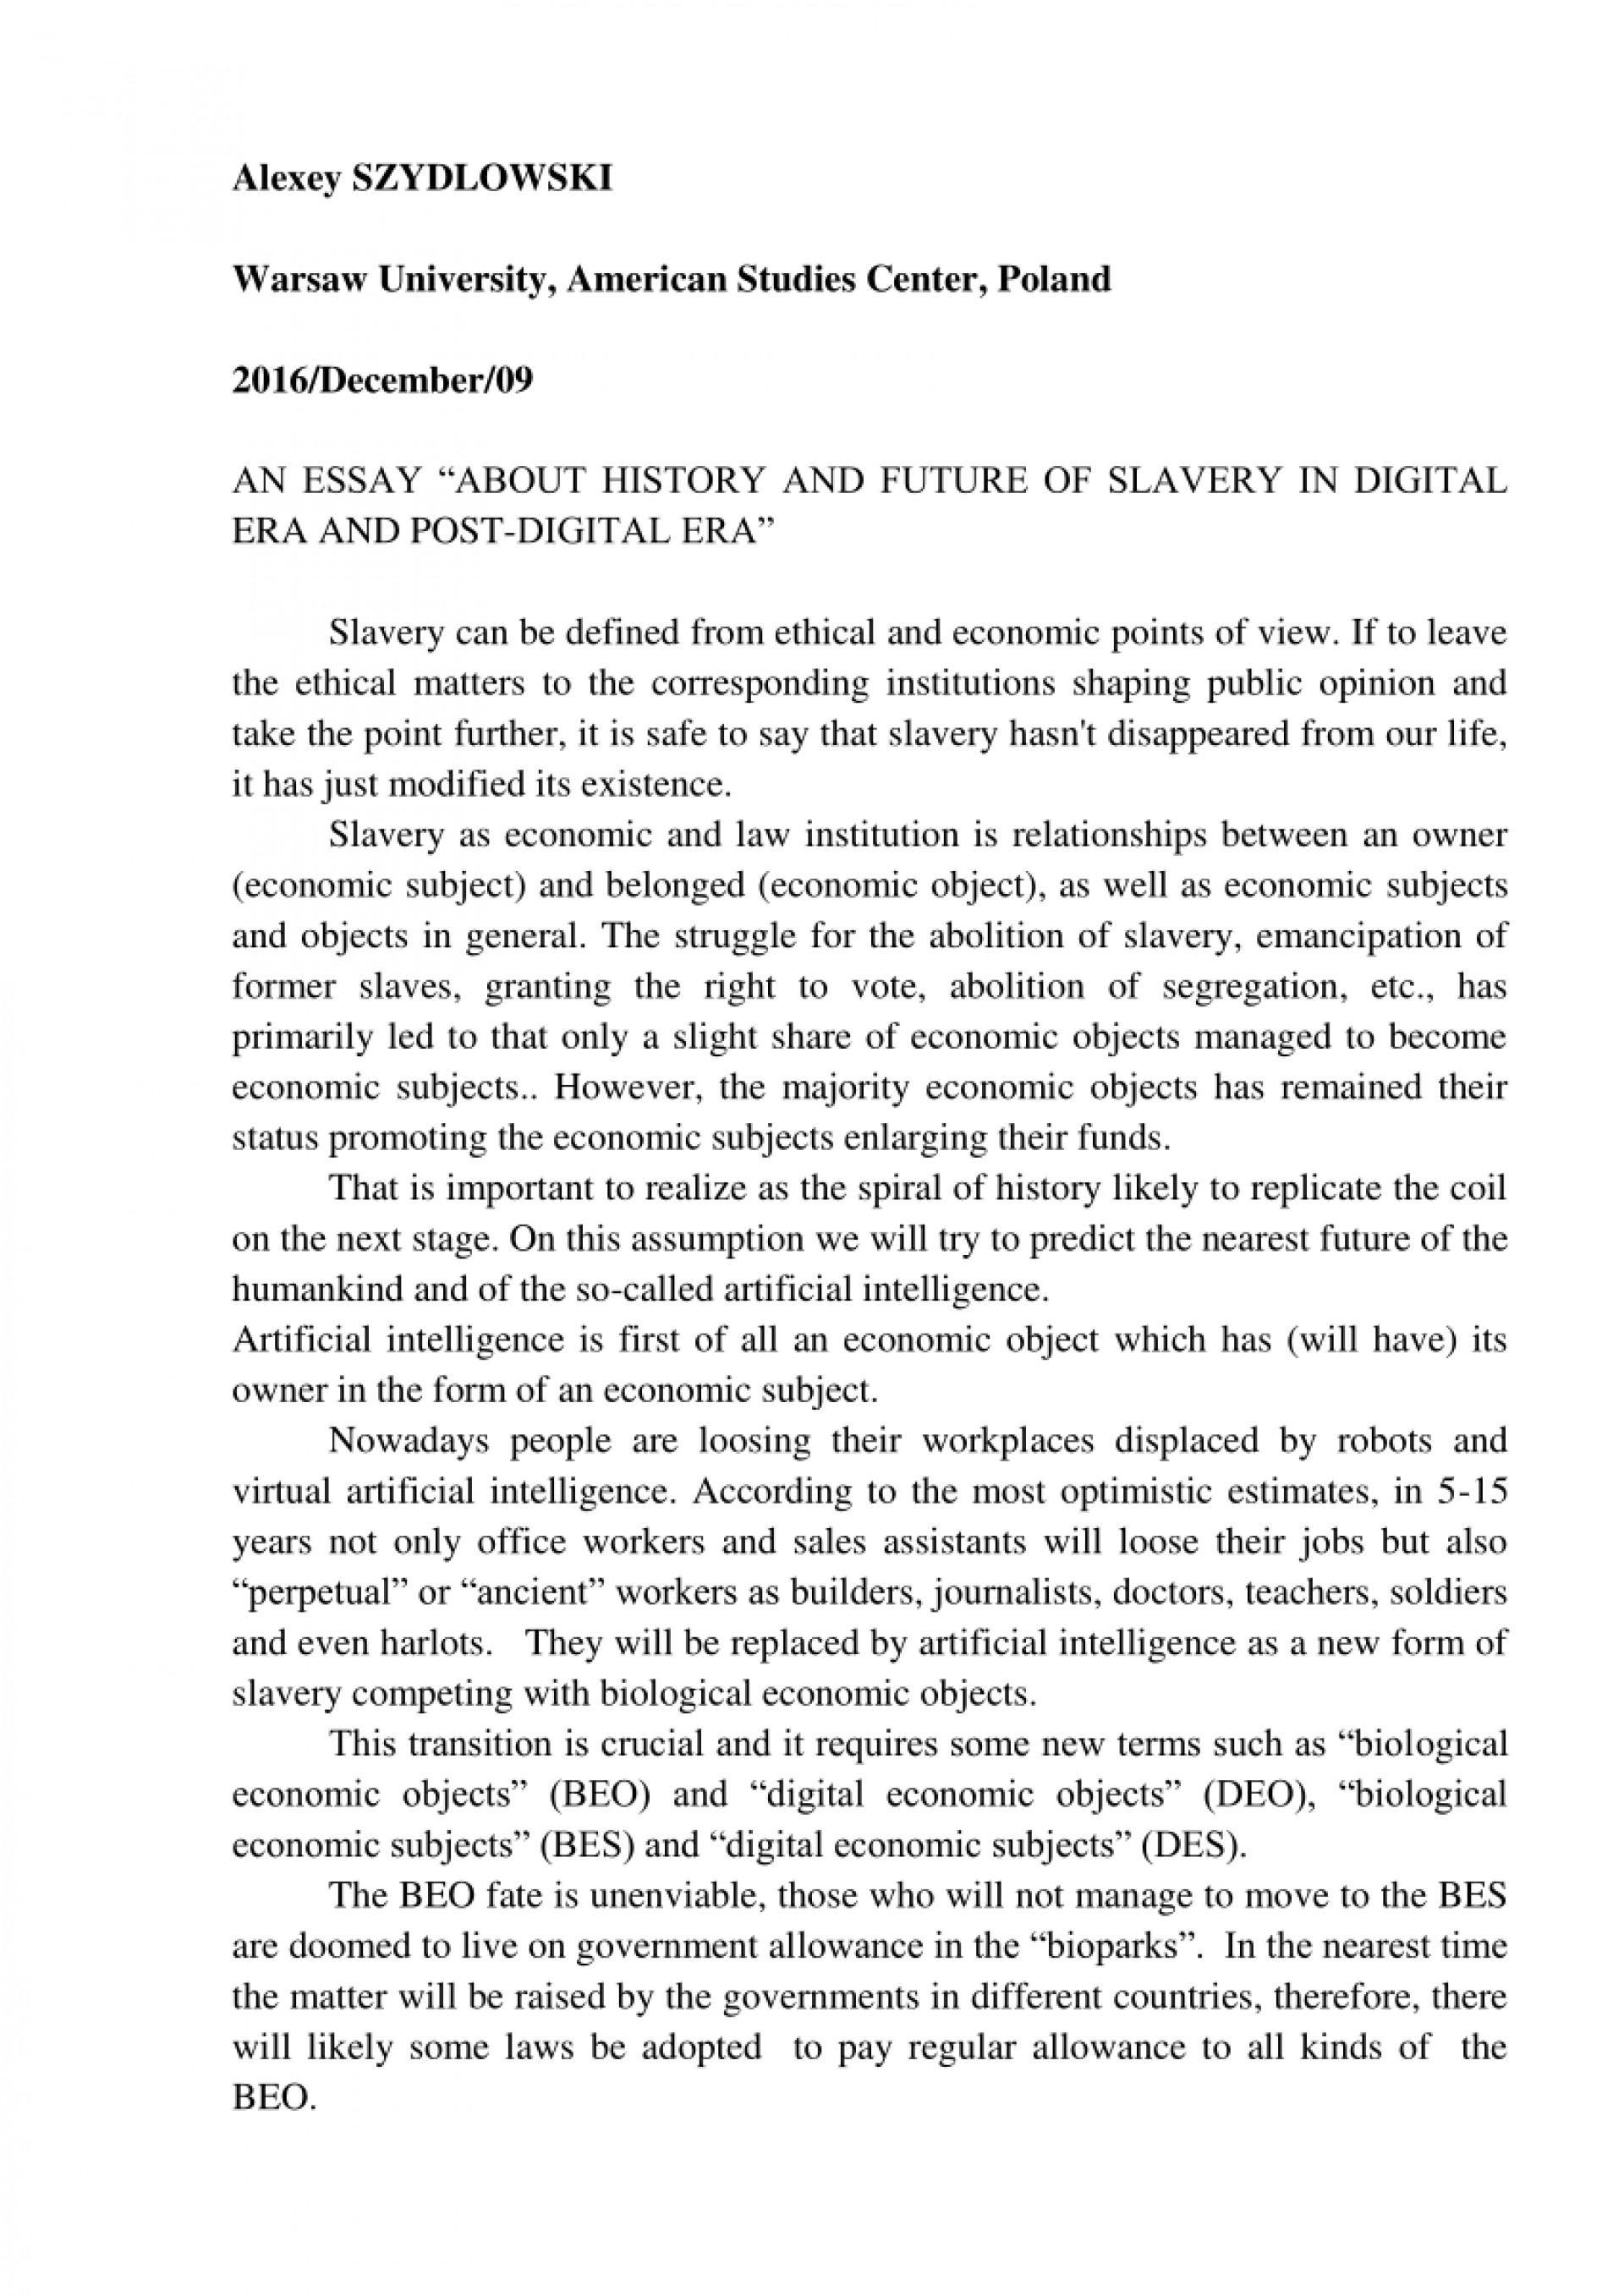 001 Digital Era Essay Example Staggering In India 1920